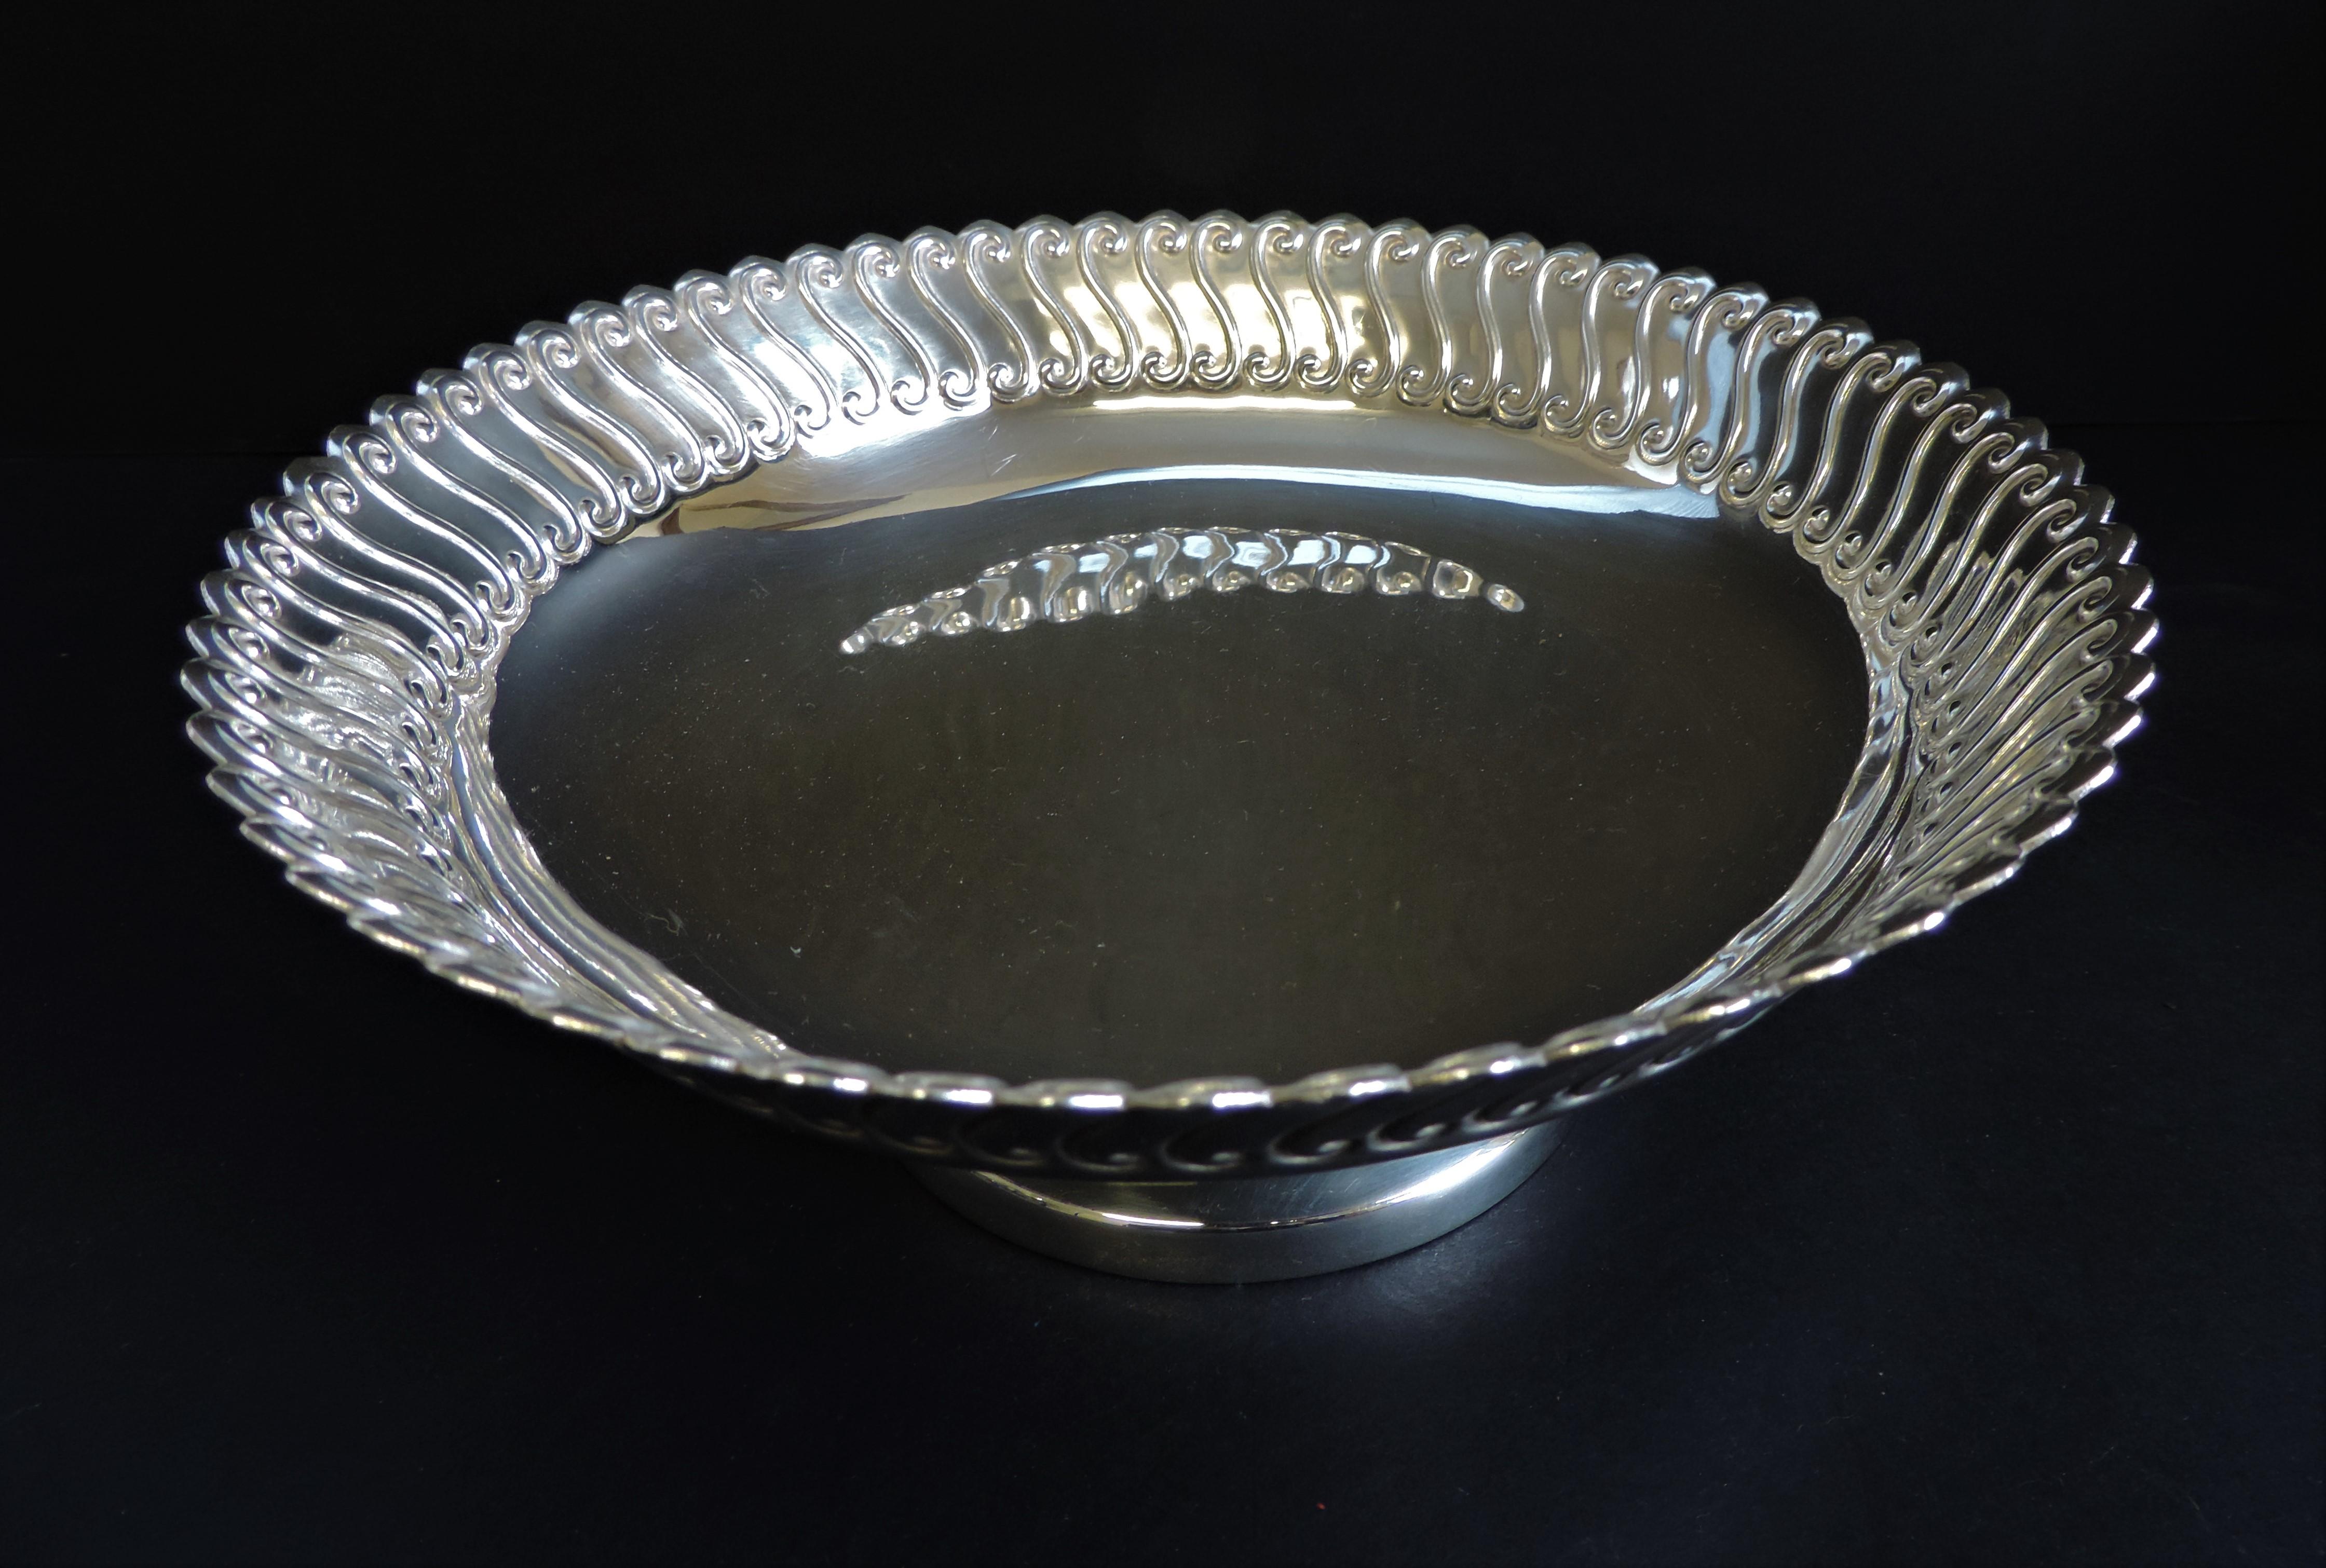 Antique Art Nouveau Silver Plated Pedestal Bowl - Image 2 of 4